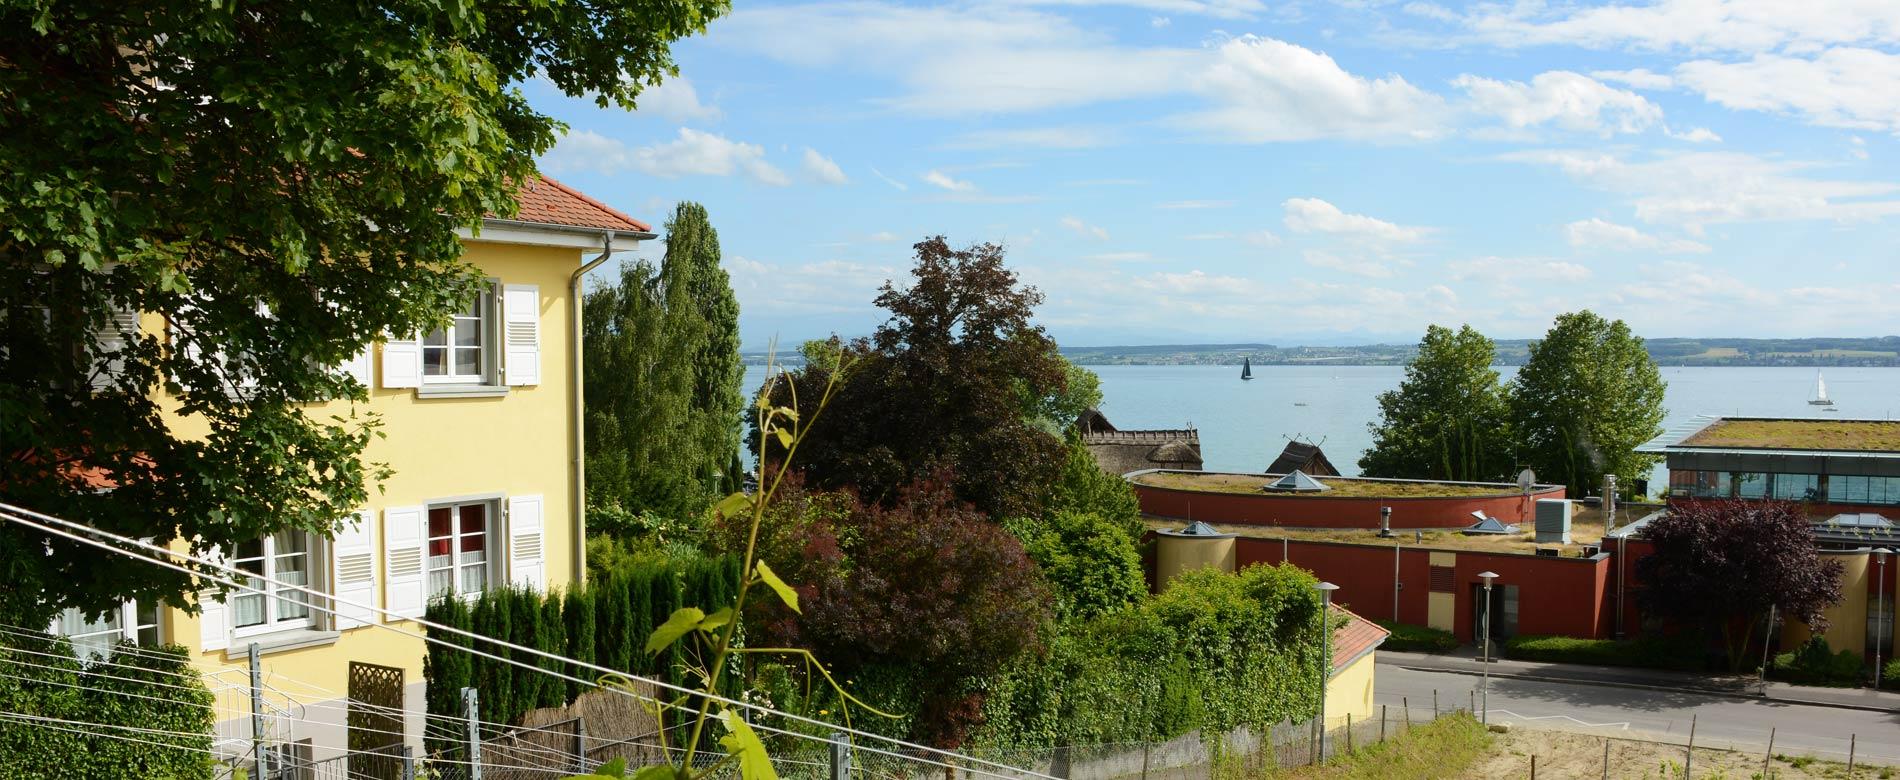 Ferienwohnung Pfarrhaus in Meersburg - Unsere Ferienwohnungen 2